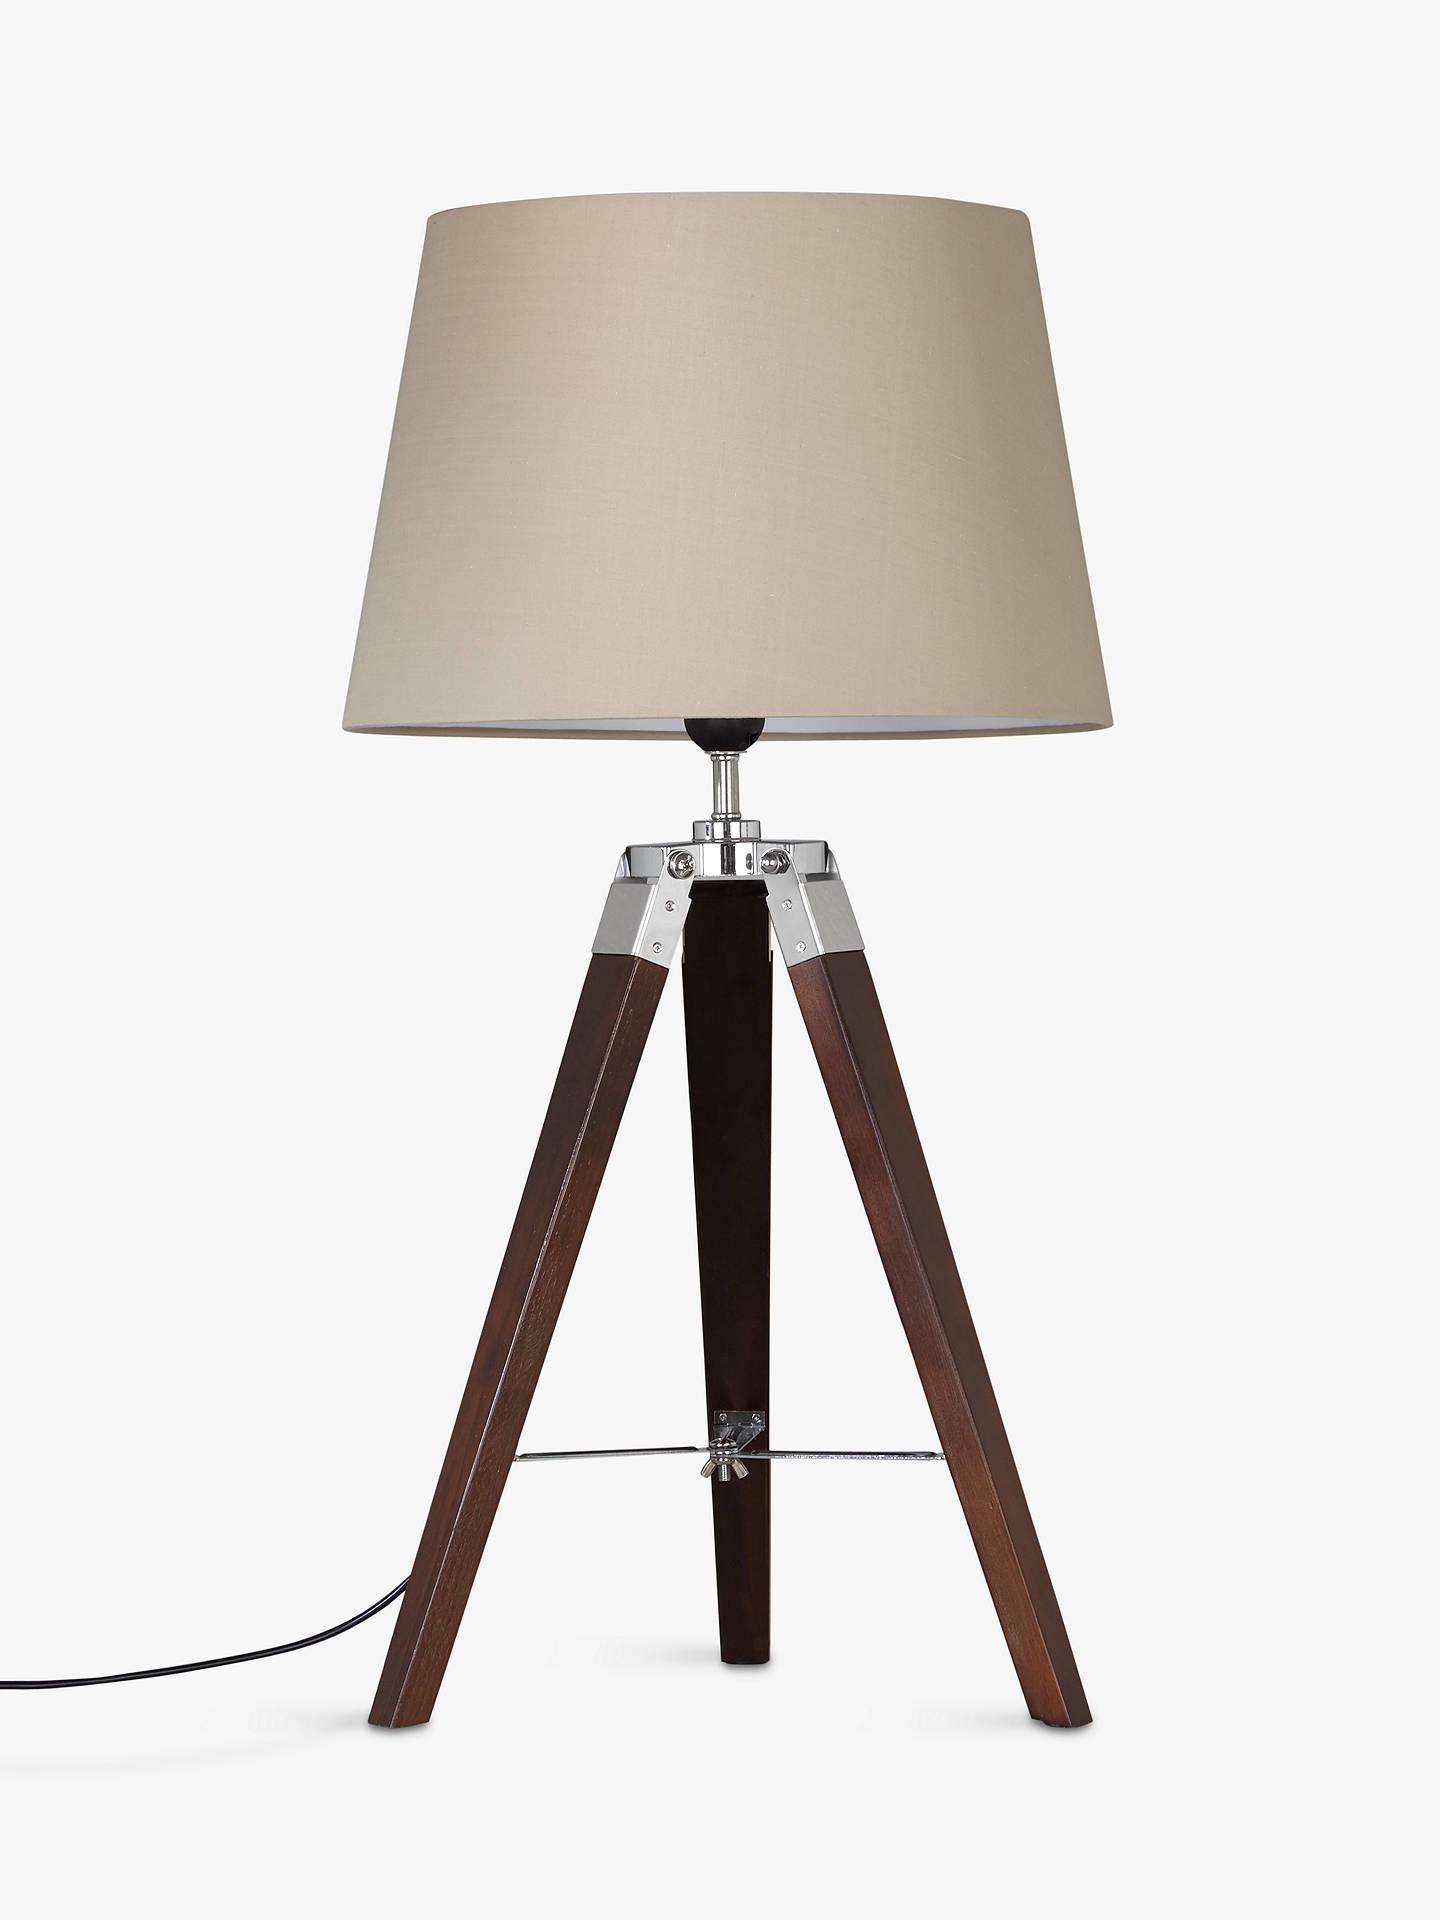 ... BuyJohn Lewis Jacques Dark Wood Table Lamp, Brown Online At  Johnlewis.com ...